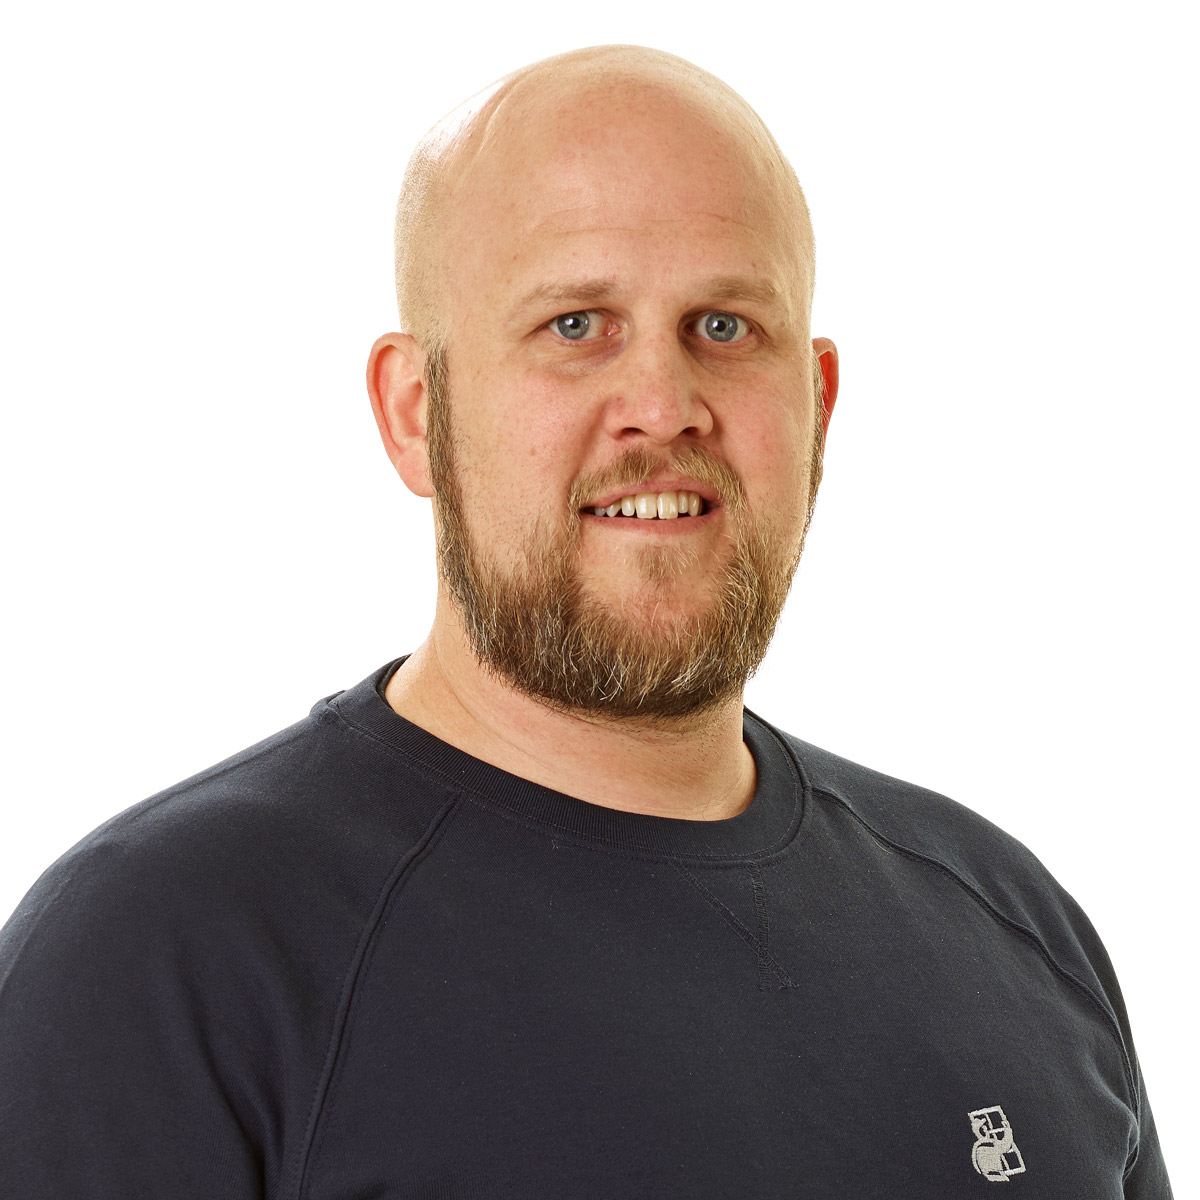 Fredrik Gåfvels